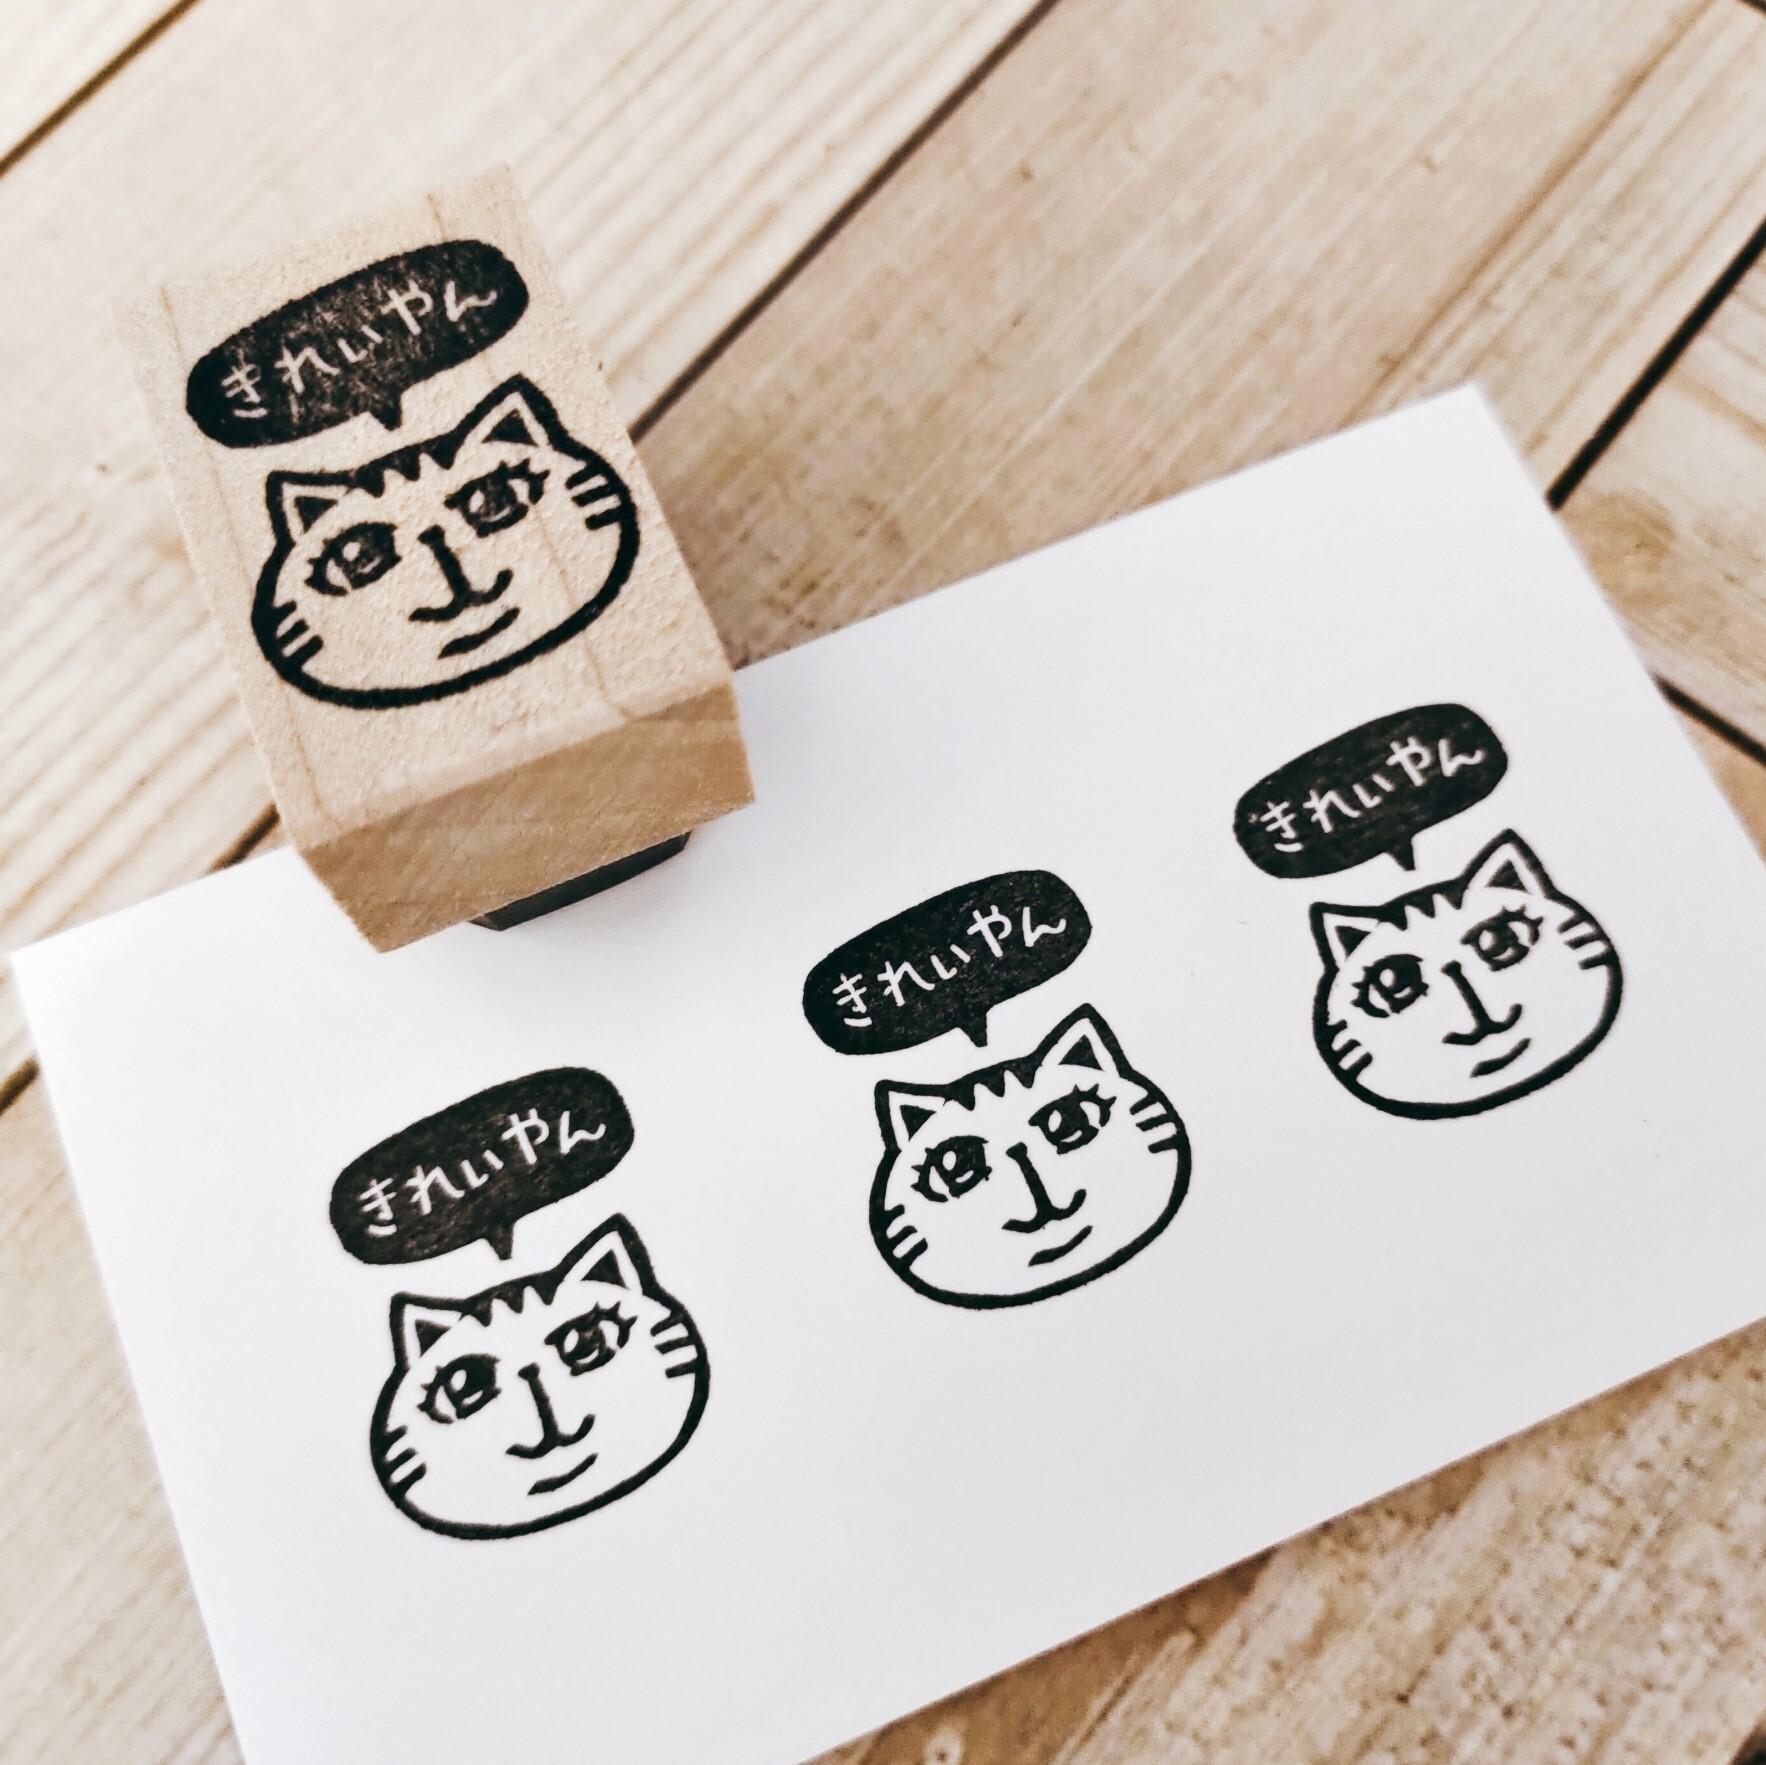 関西弁ネコ「きれいやん」